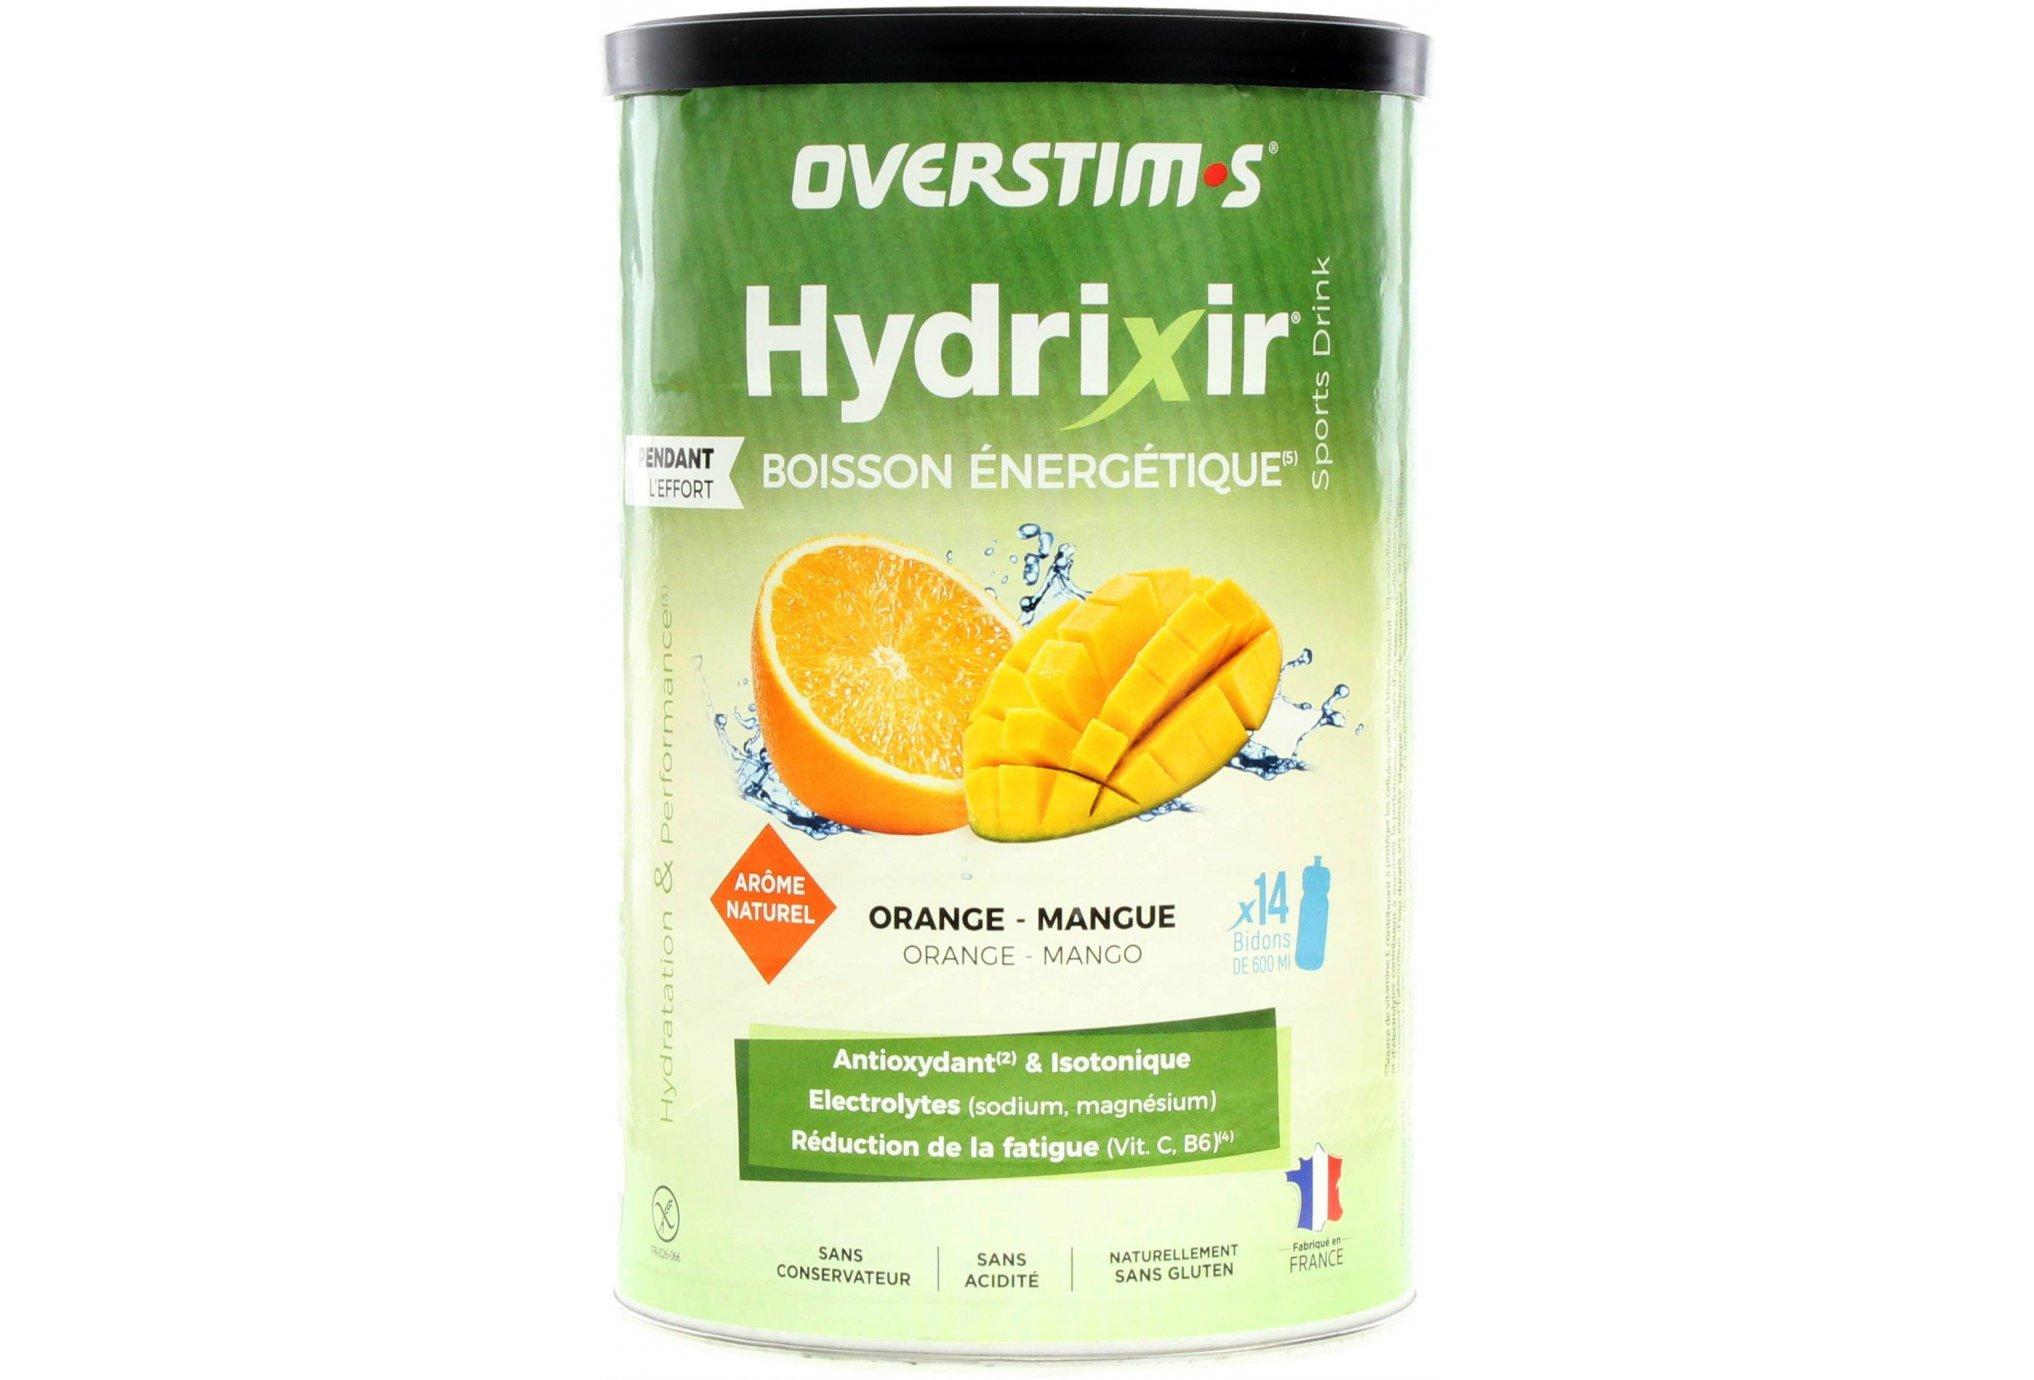 OVERSTIMS Hydrixir 600 g - Orange/mangue Diététique Boissons